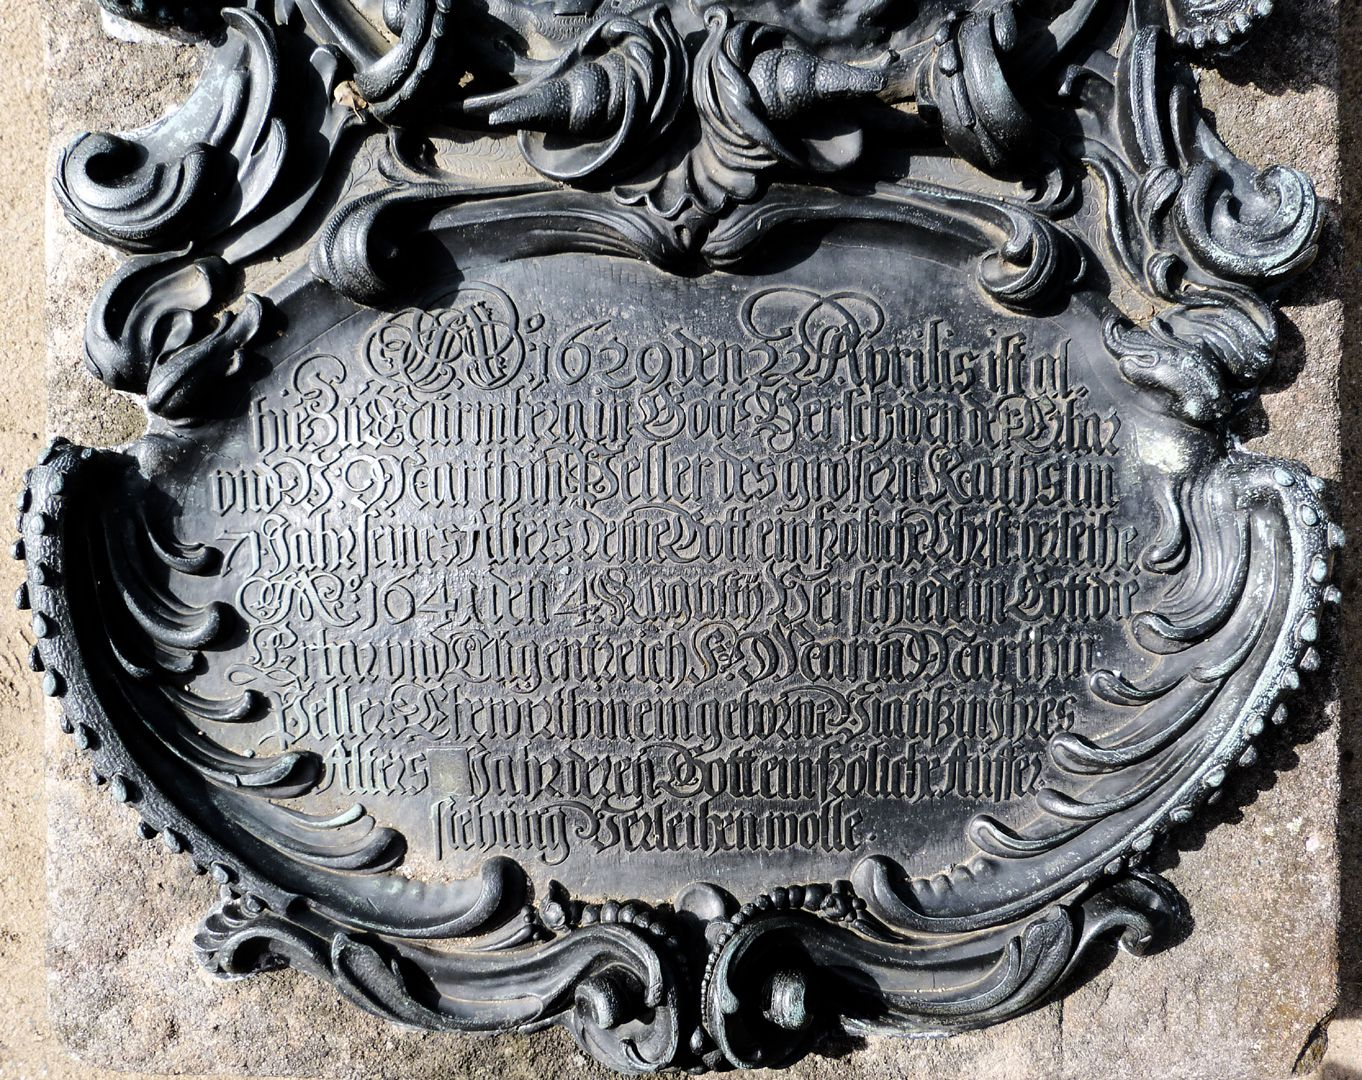 Epitaph des Martin Peller (gest. 1629) und Ehefrau Maria Viatis (gest. 1641) Inschriftkartusche